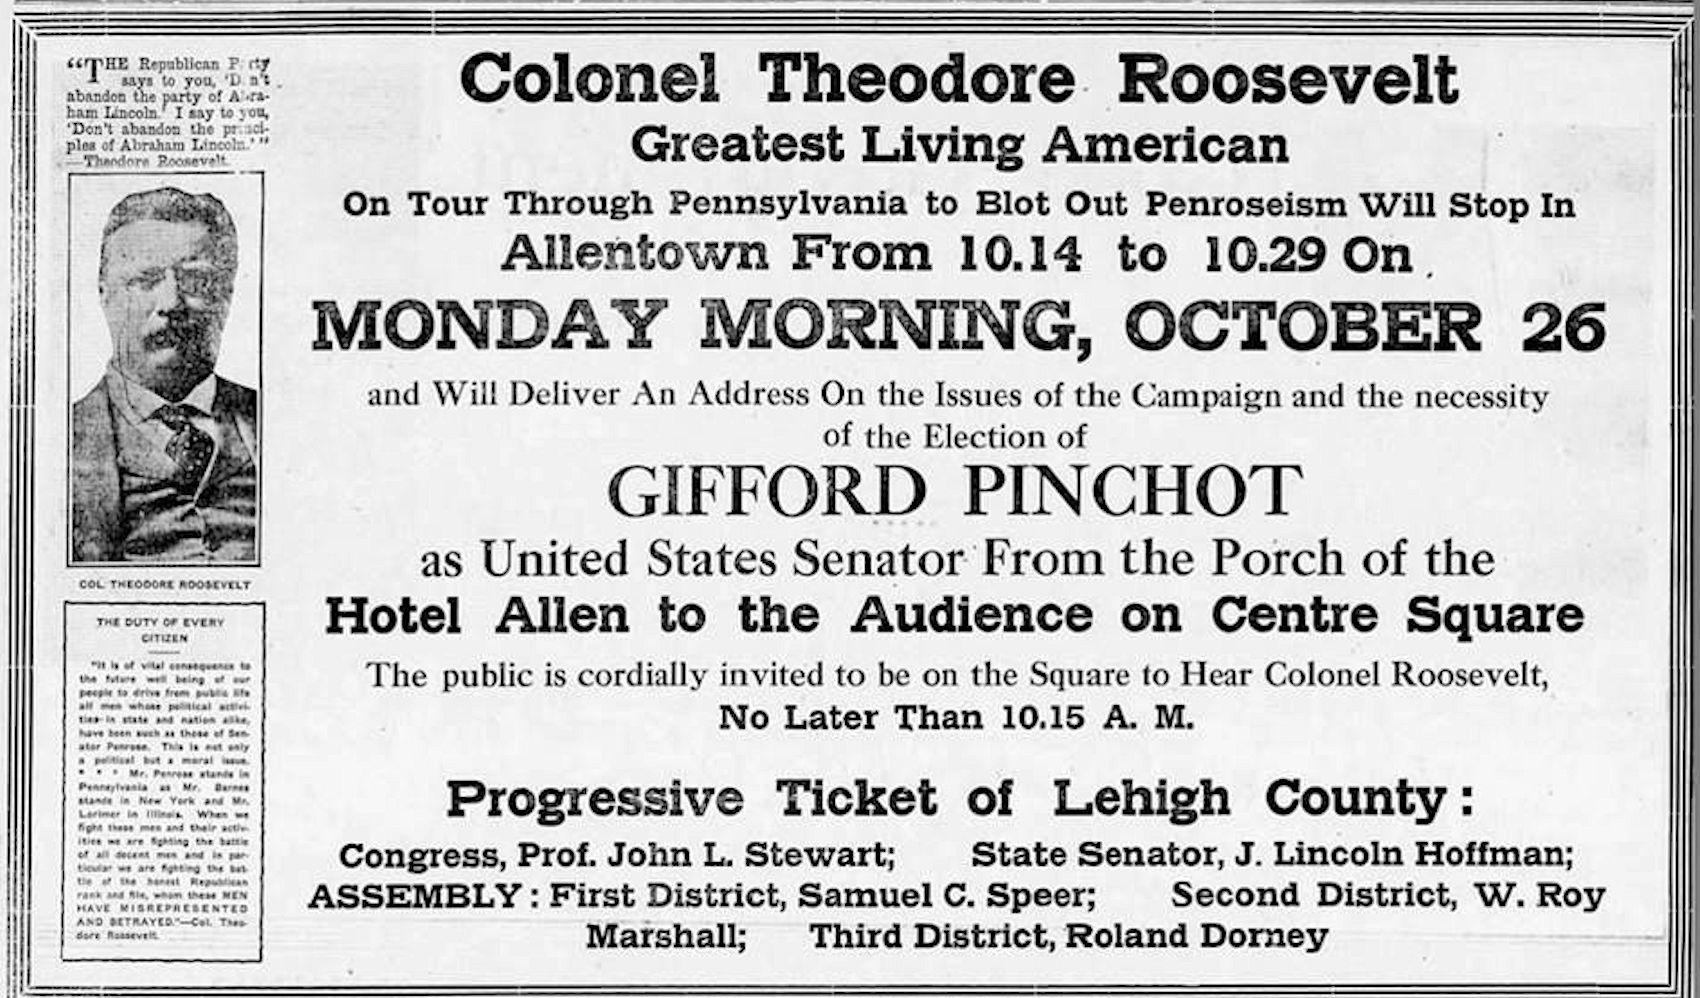 File:1914 - Thodore Roosevelt Speech - 24 Oct LDR - Allentown PA.jpg ...